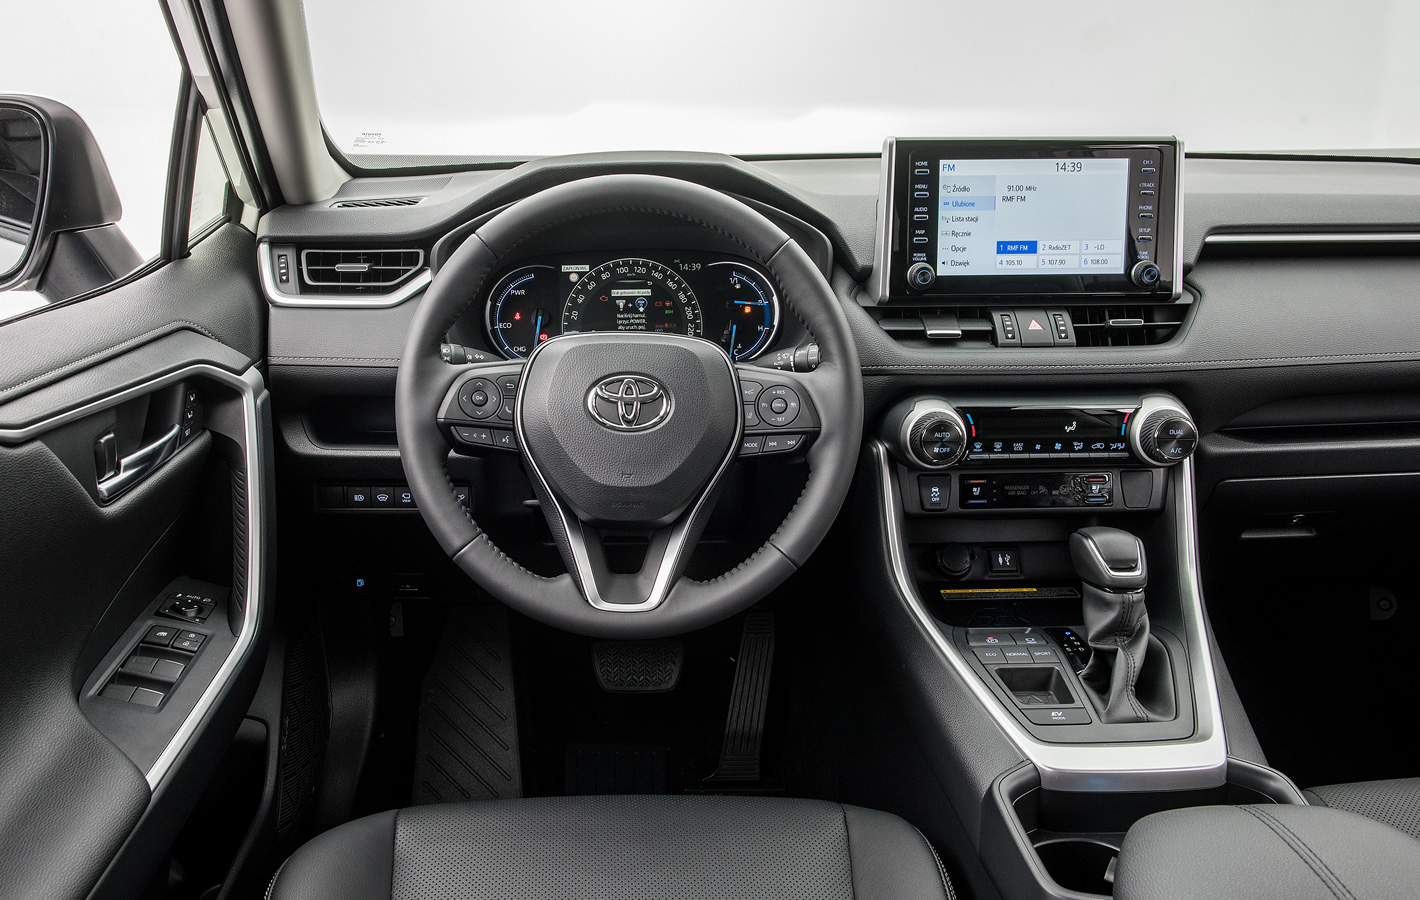 Toyota RAV4 2019 - kokpit